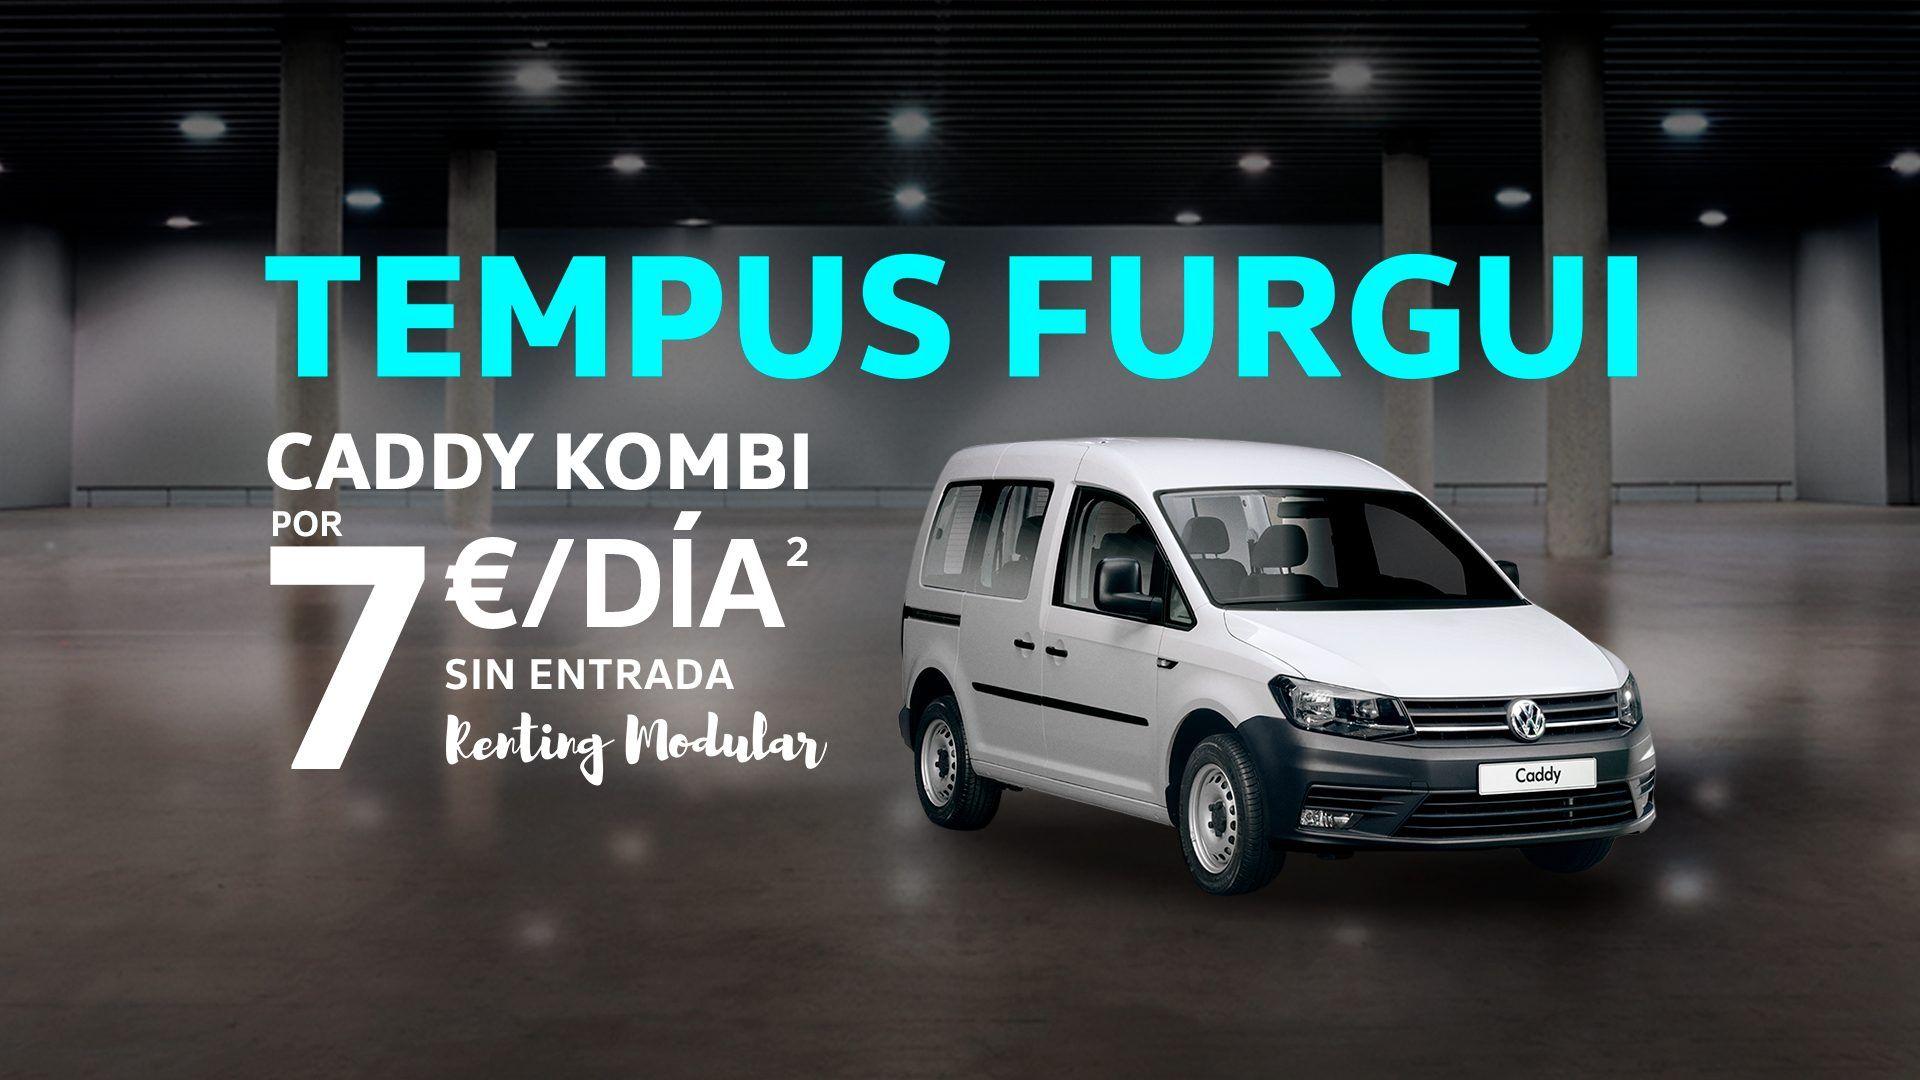 VW Caddy y VW Caddy profesional desde 7€ al día